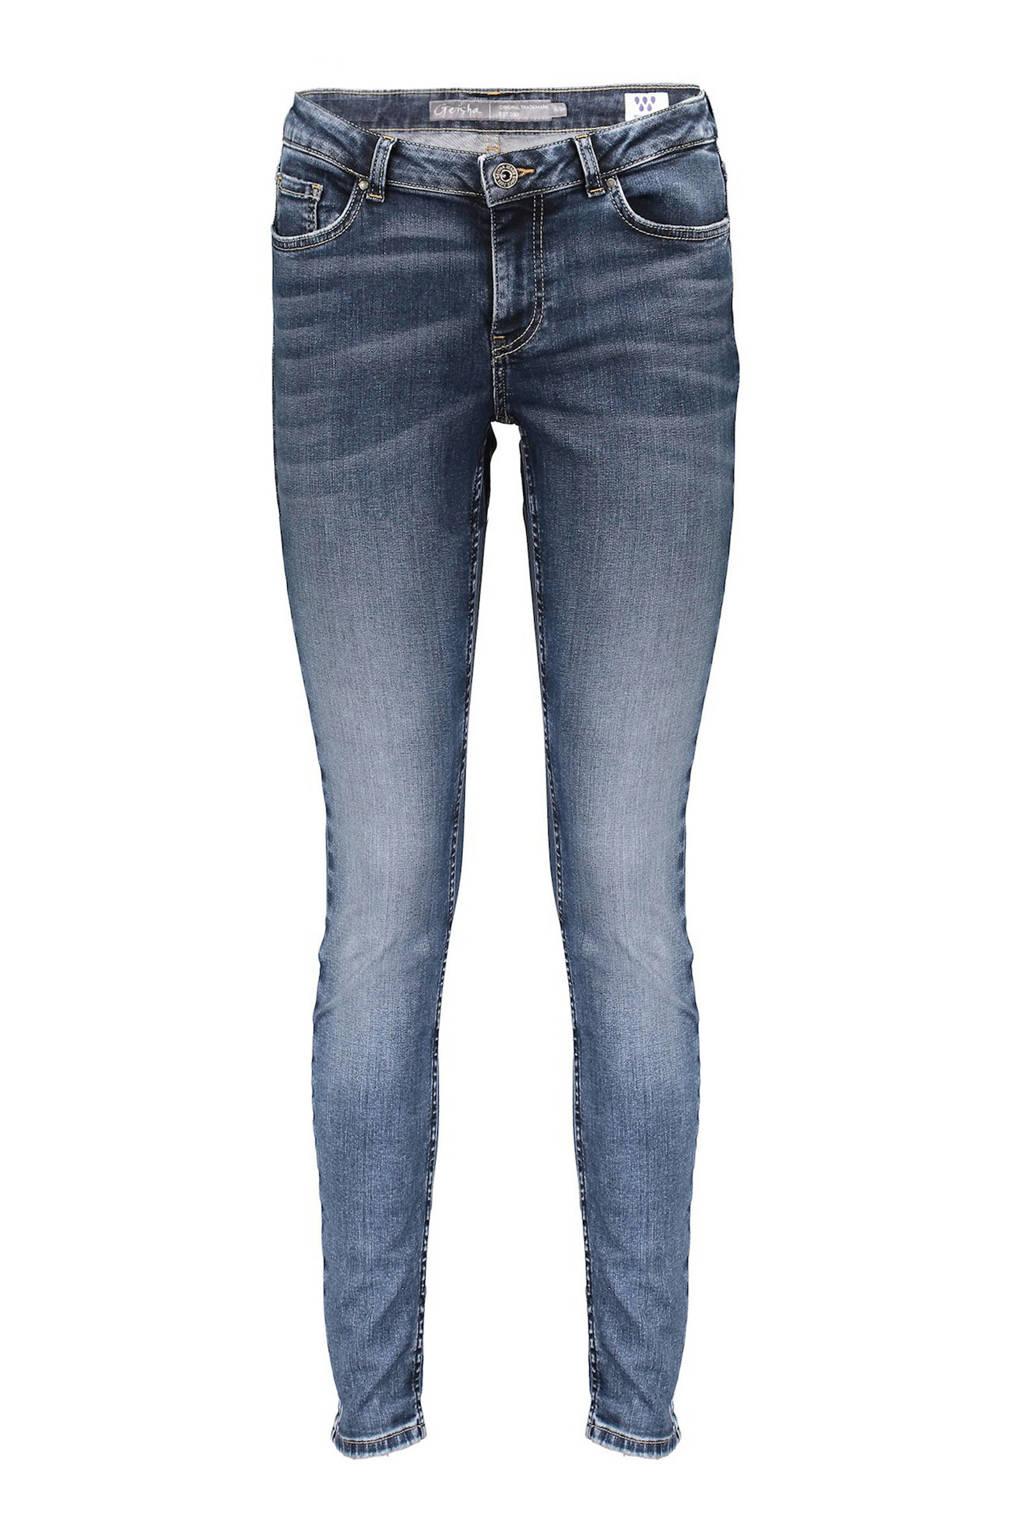 Geisha skinny jeans stonewashed, Stonewashed